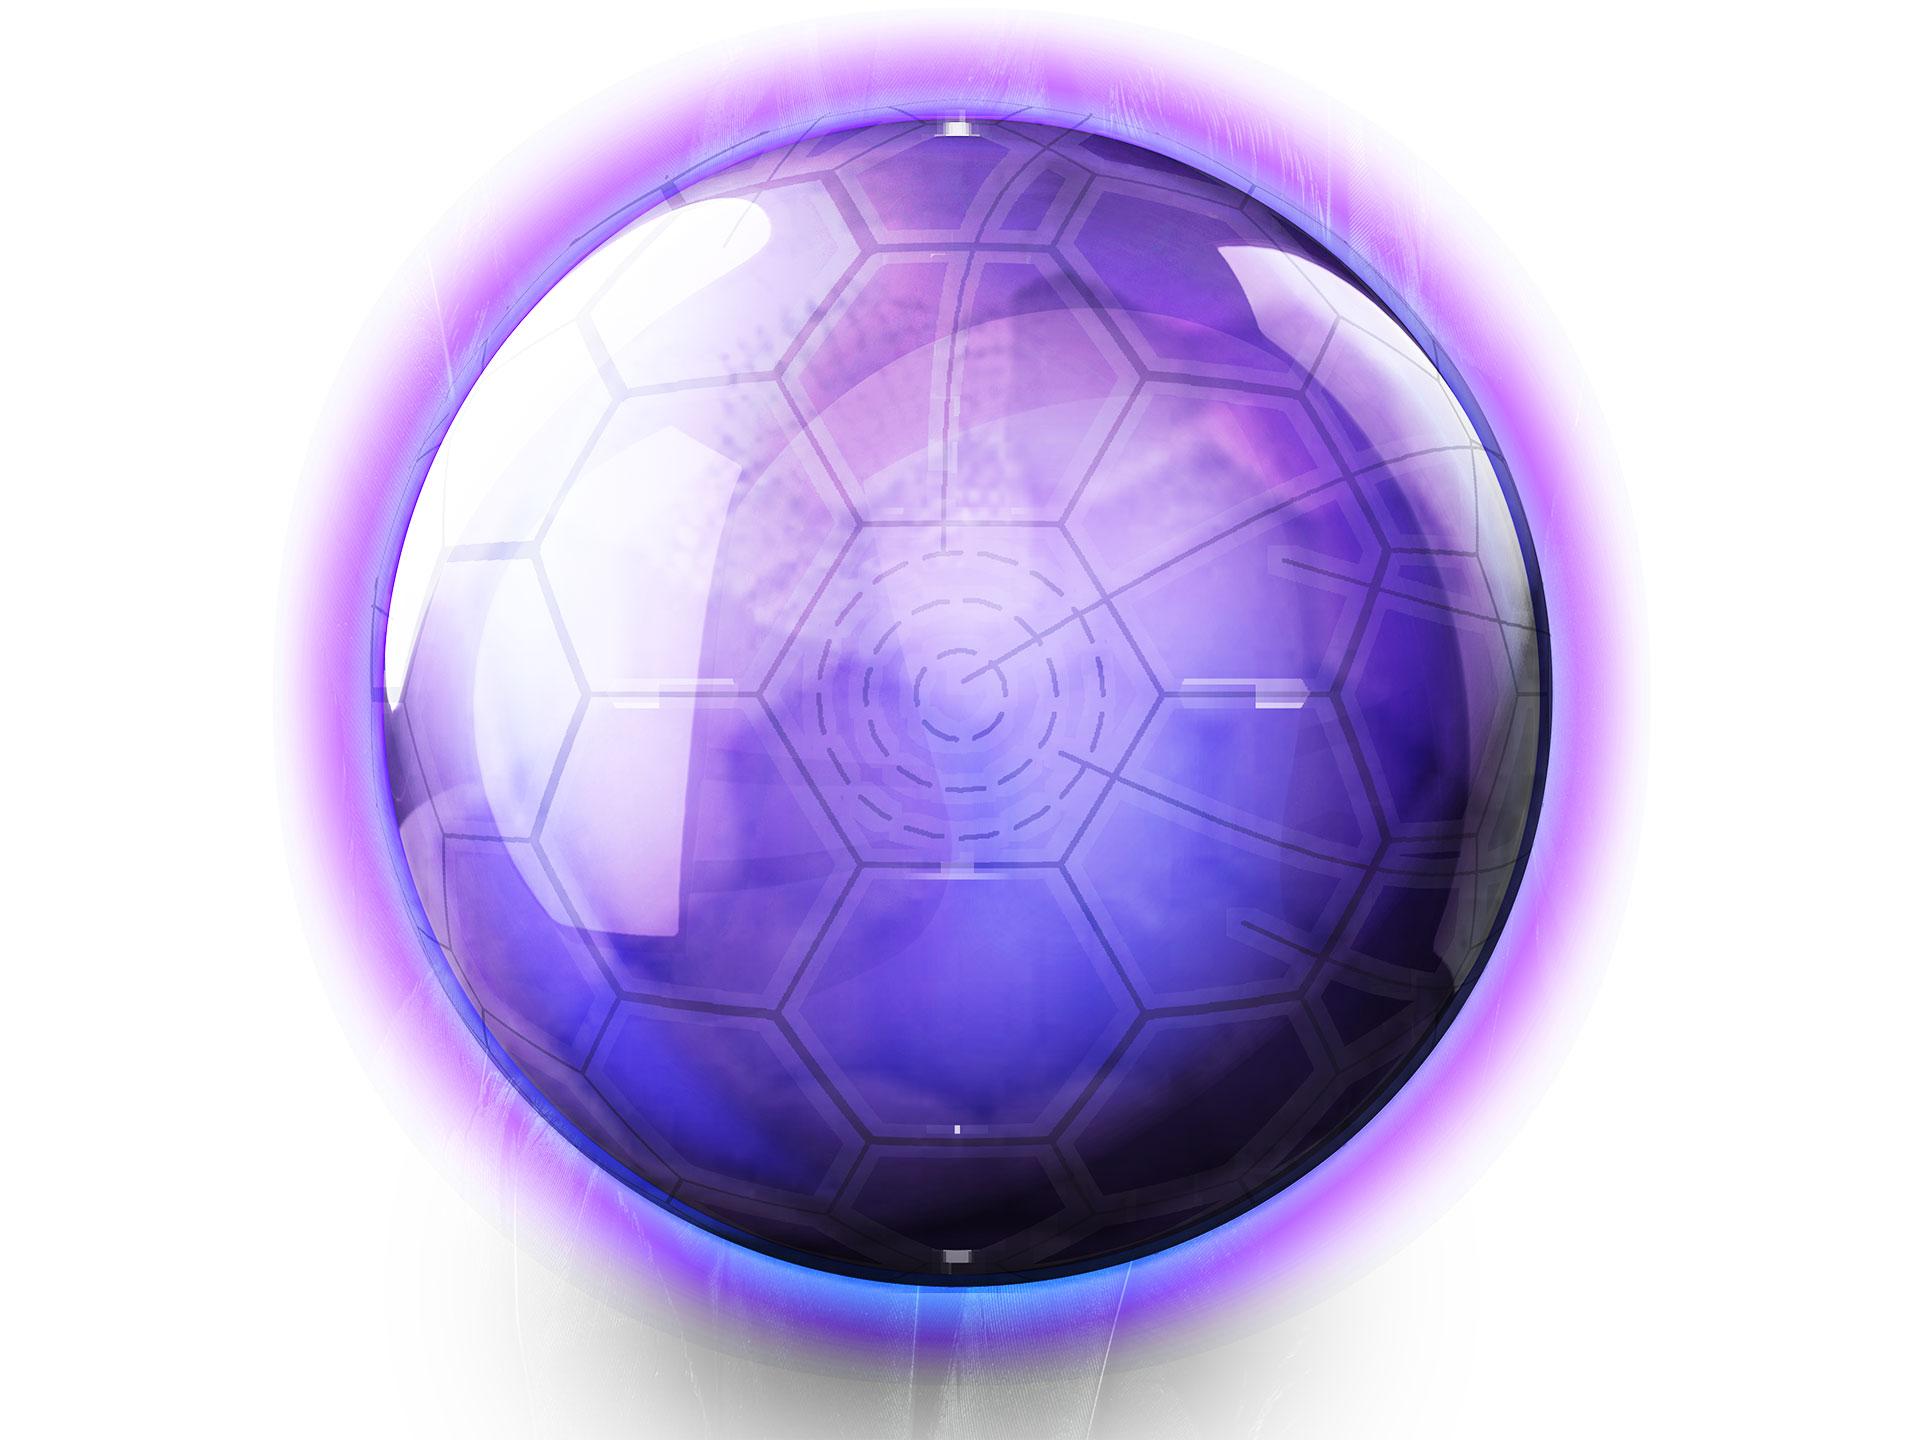 violet-sphere_1920